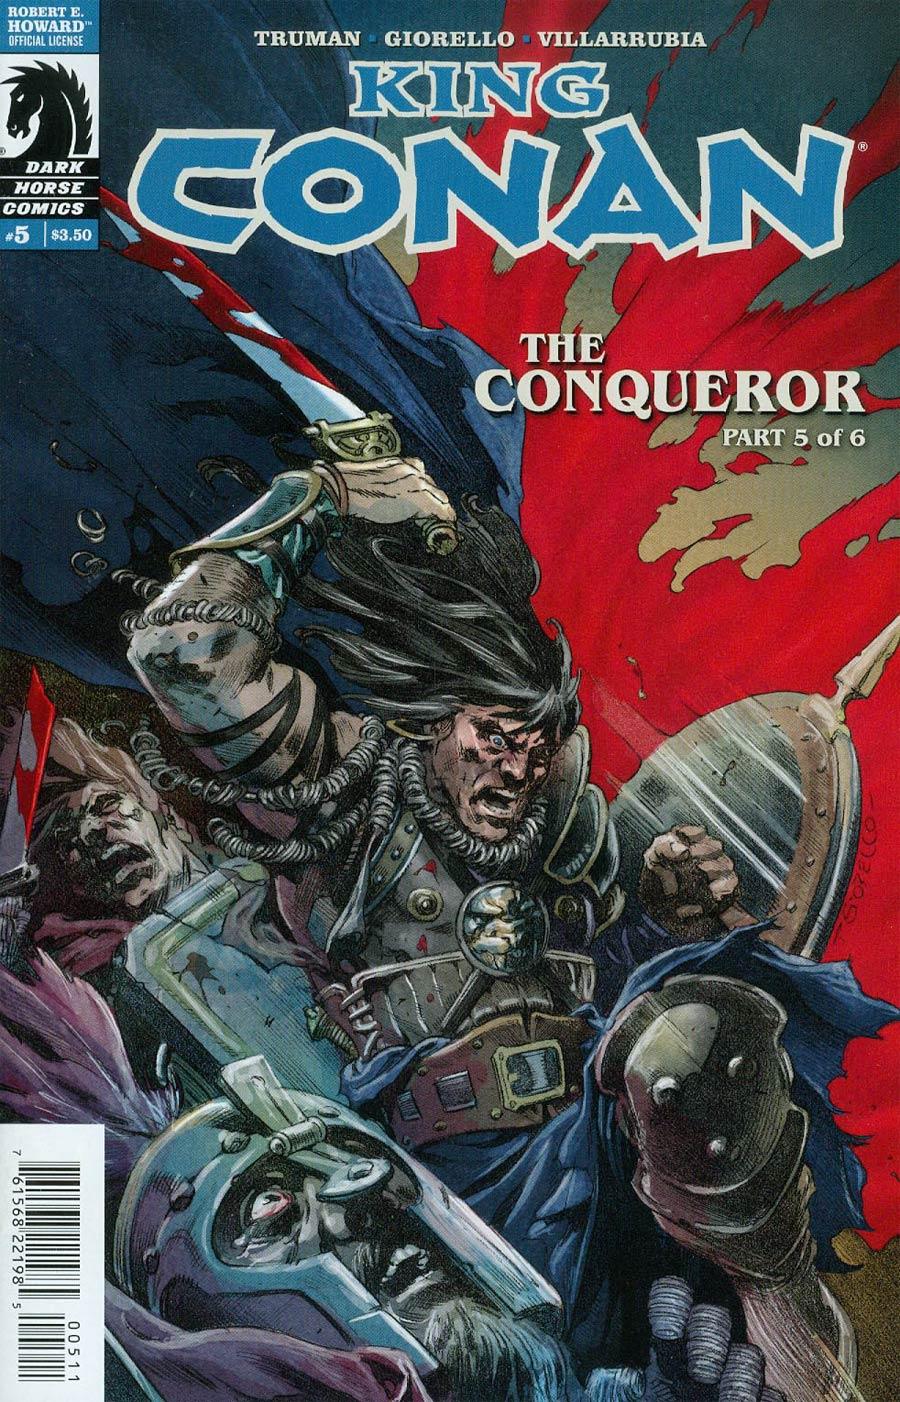 King Conan The Conqueror #5